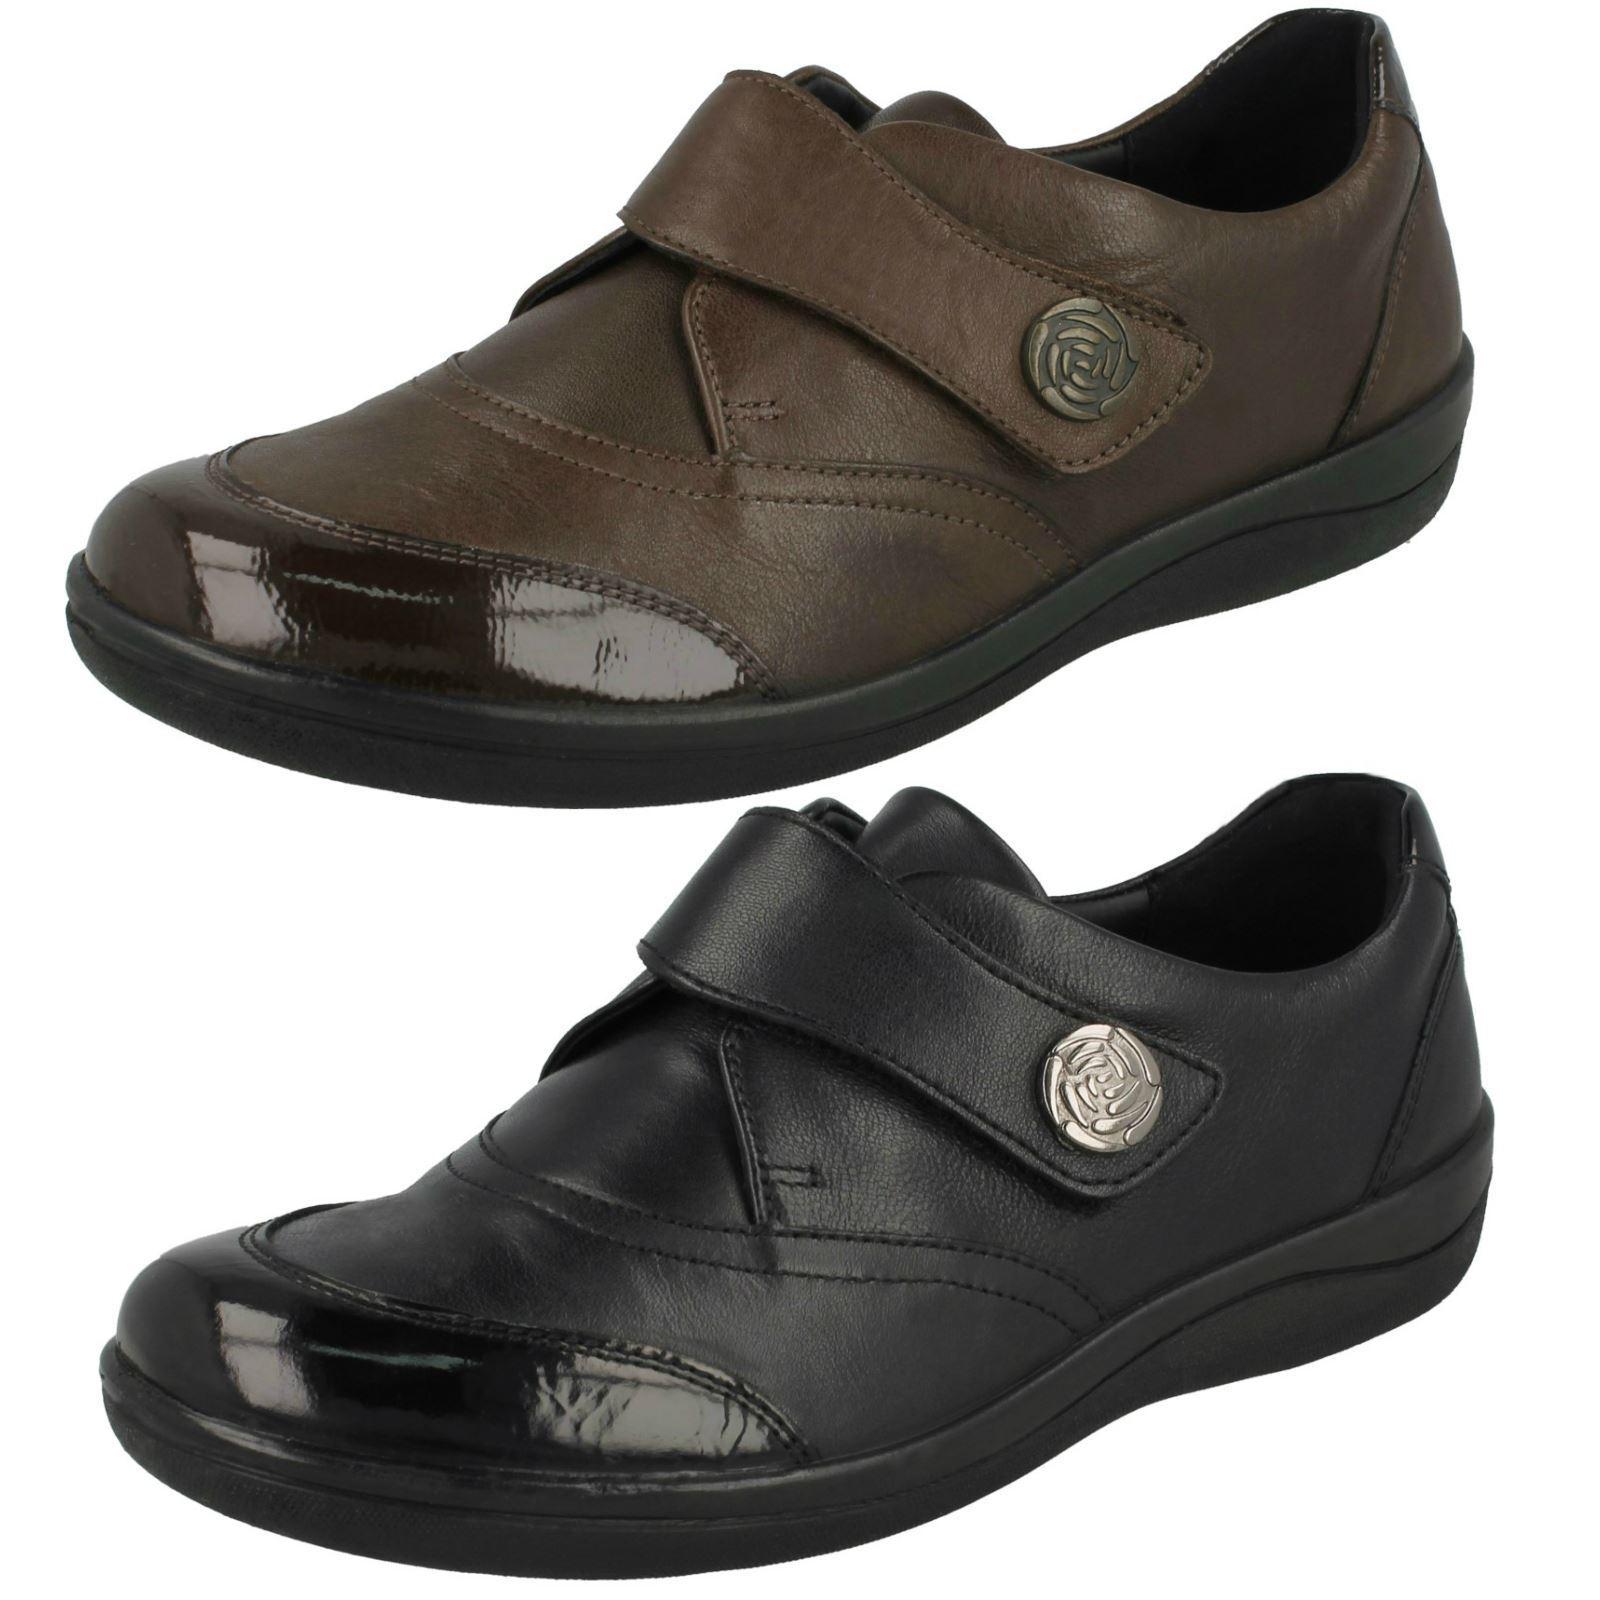 Zapatos Zapatos Zapatos De Cuero Damas Padders patente Toe Hook & Loop Plana Casual cotidianos Gaby  tienda de ventas outlet